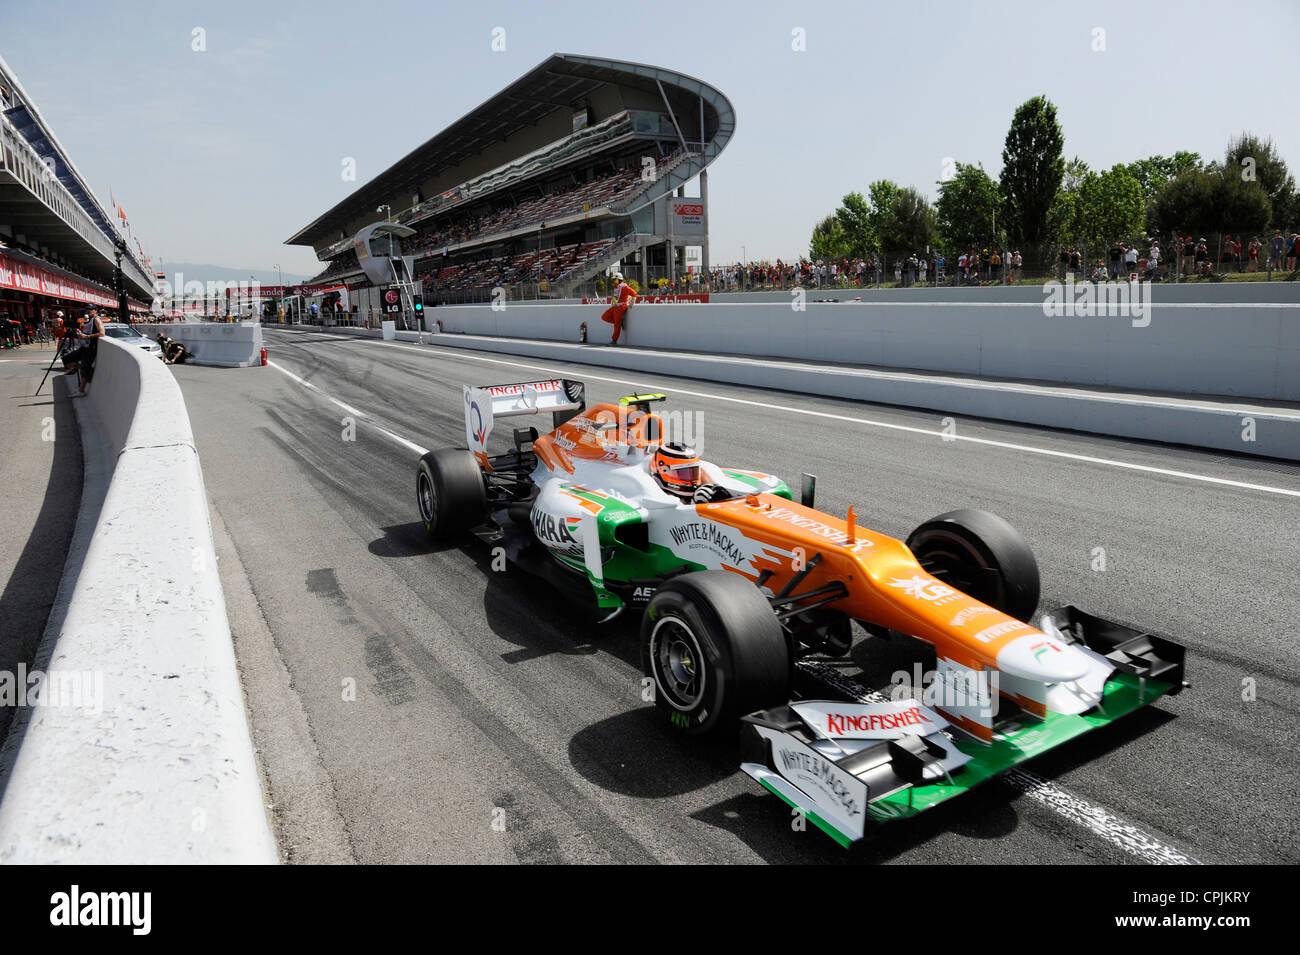 Nico Hülkenberg (Huelkenberg, GER) im Force India VJM05 during the Formula One Grand Prix of Spain 2012 - Stock Image